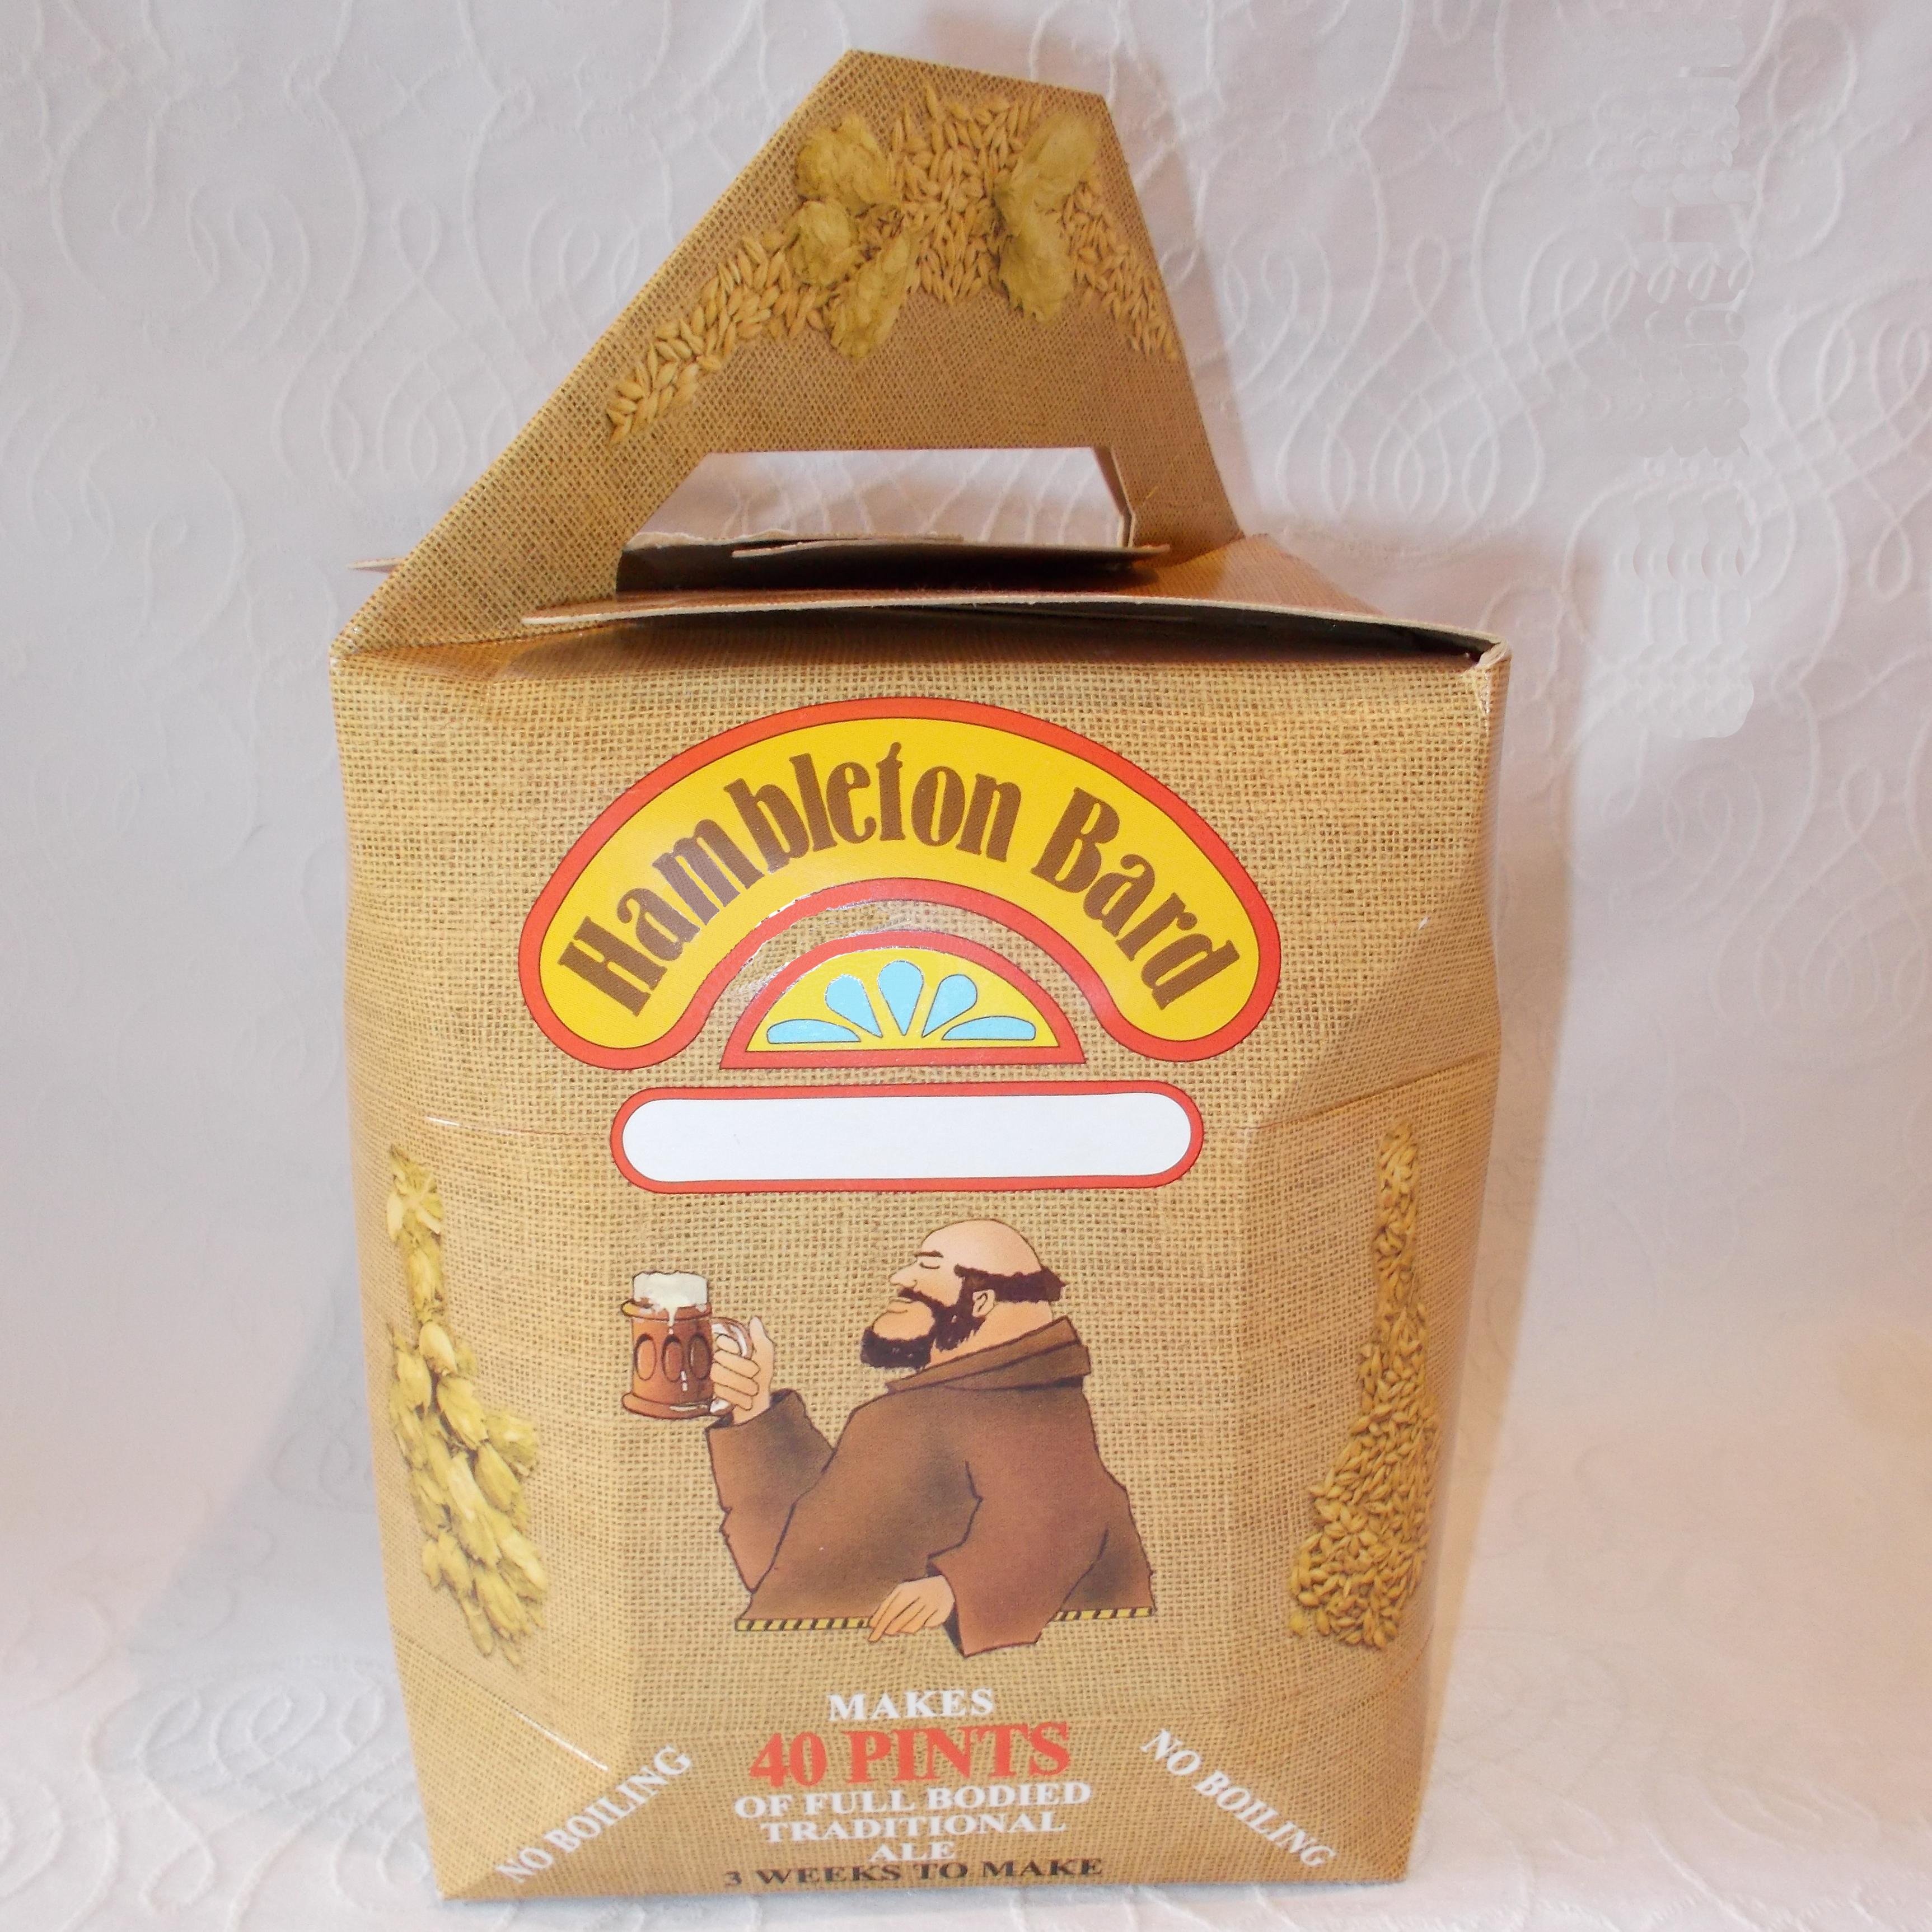 Hambleton Bard Dry Beer Kits - Old English